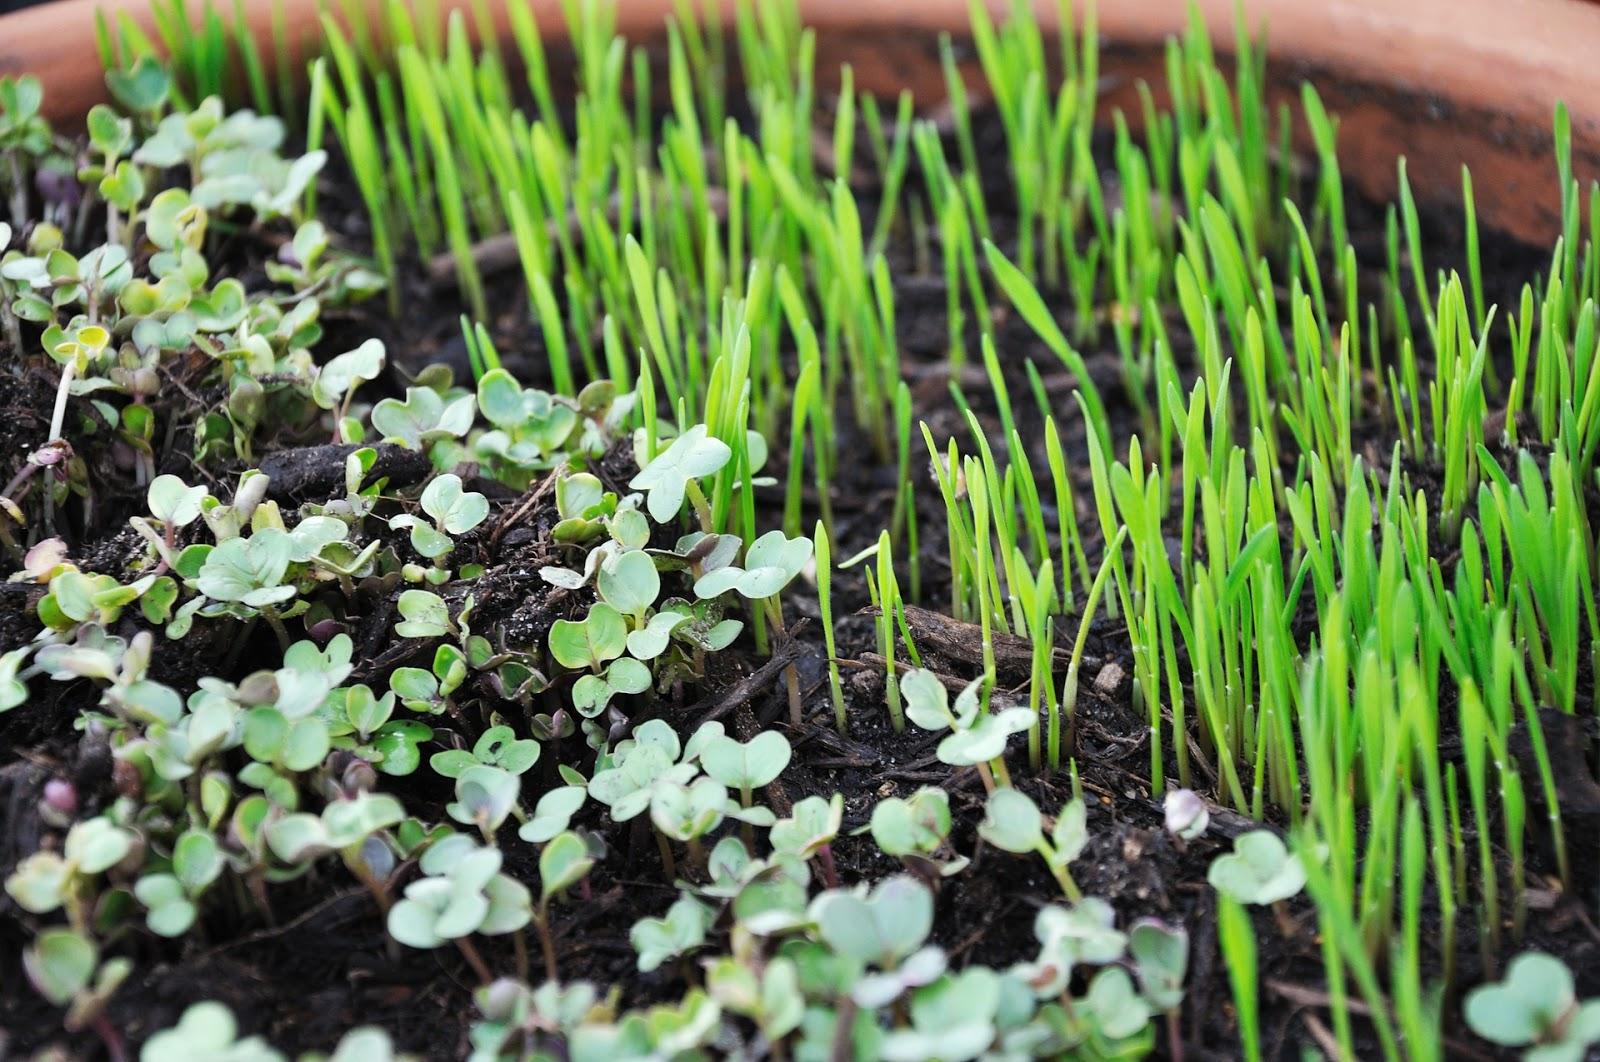 microgreens de brocoli y cebollín.